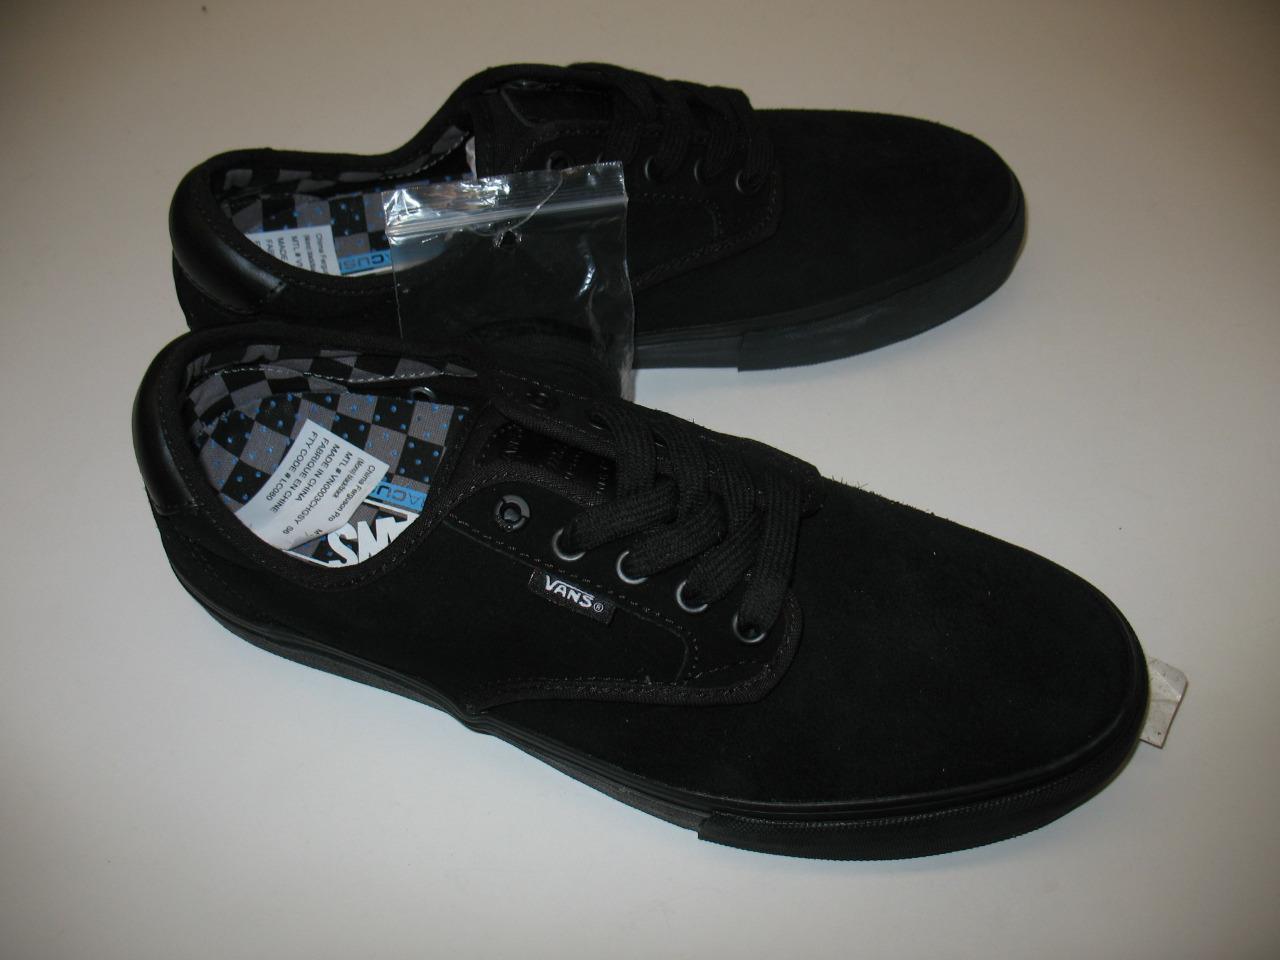 vans skateboarding shoes summer casual skate sneakers mens